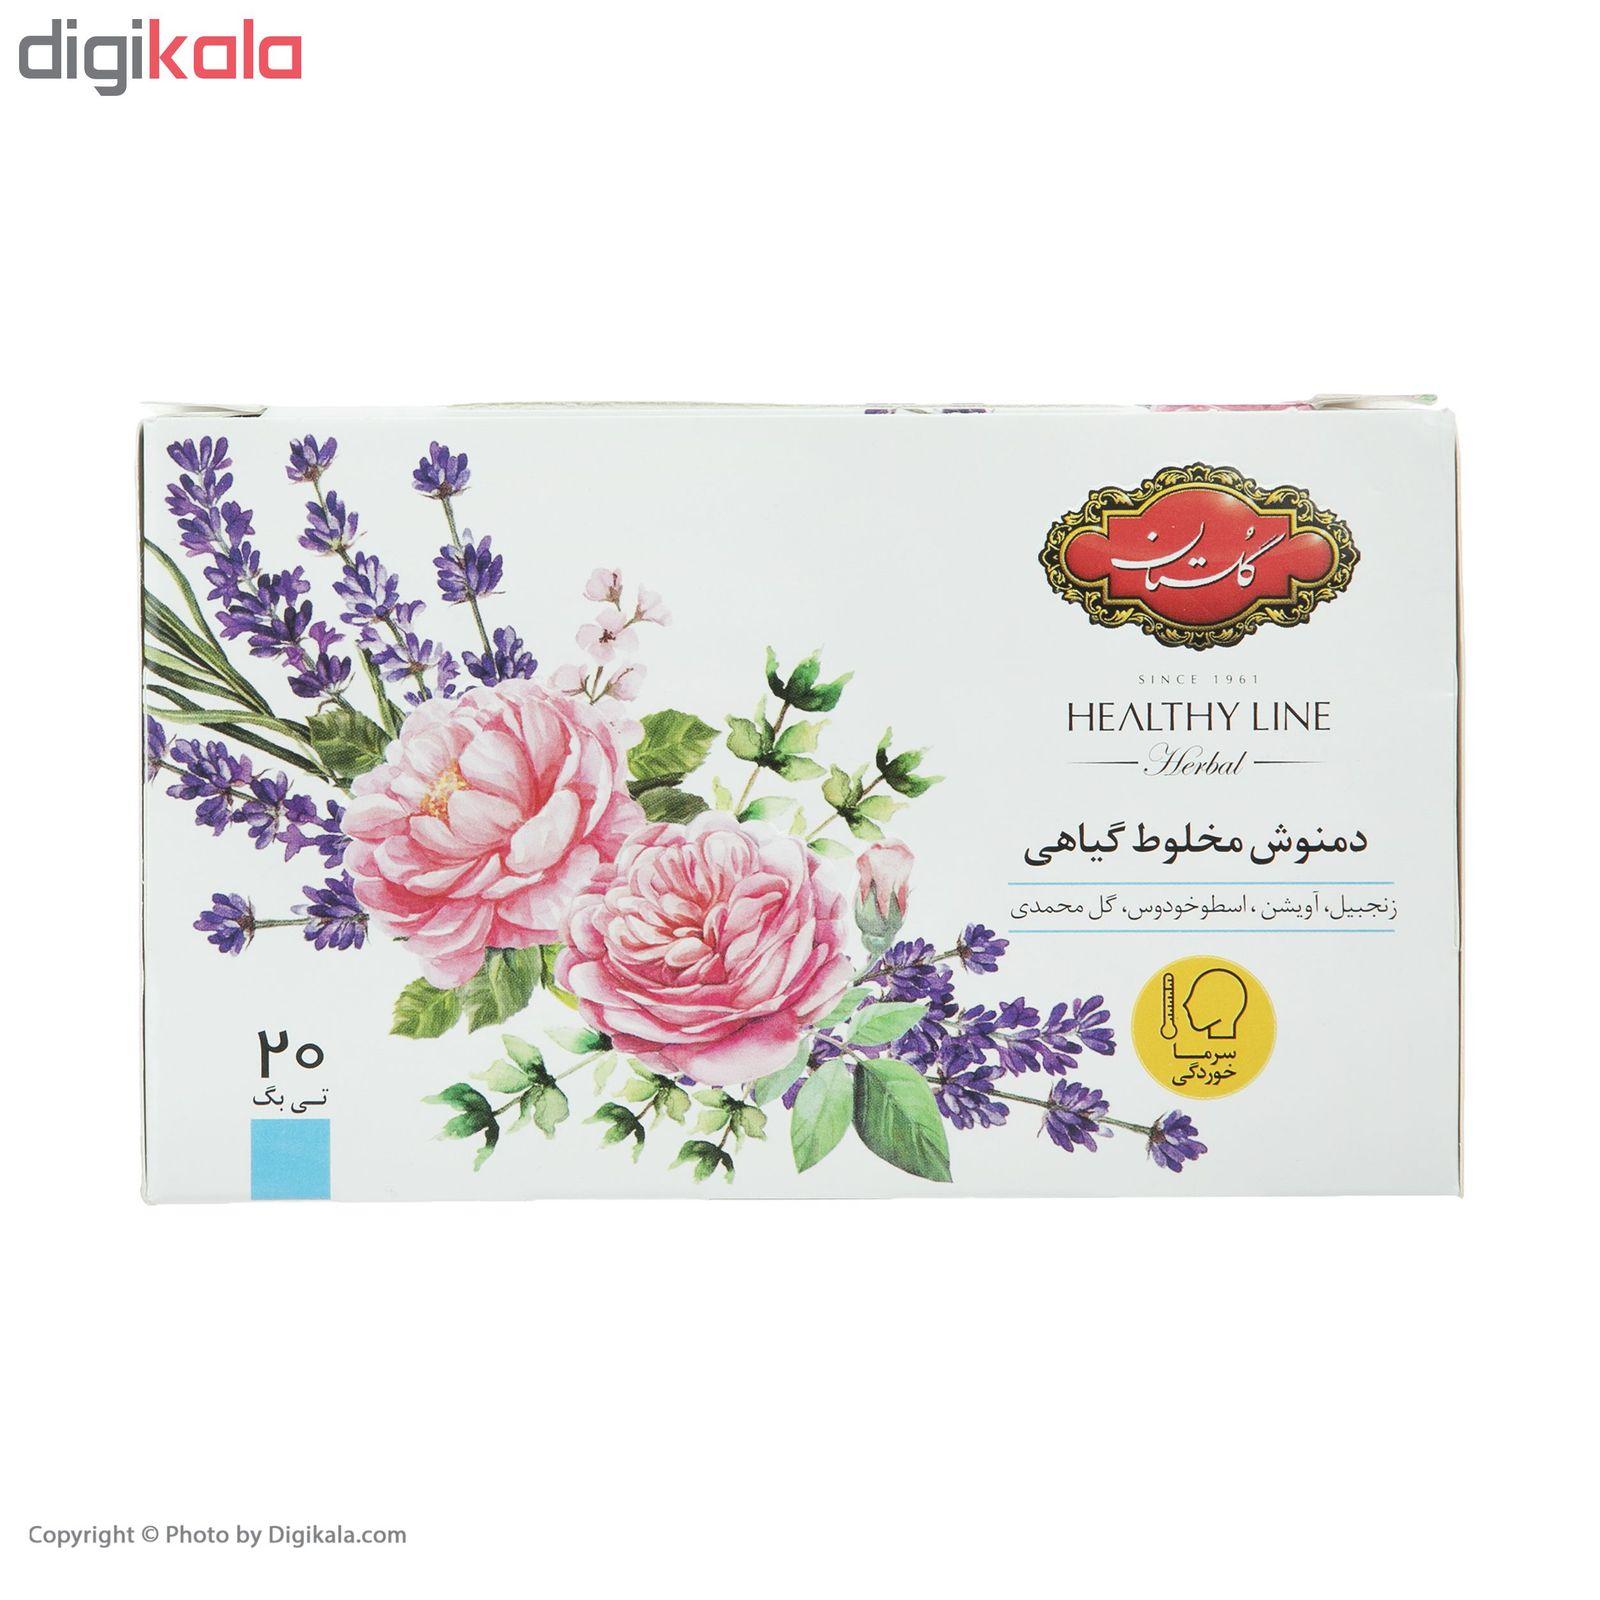 دمنوش مخلوط گیاهی گلستان بسته 20 عددی main 1 2